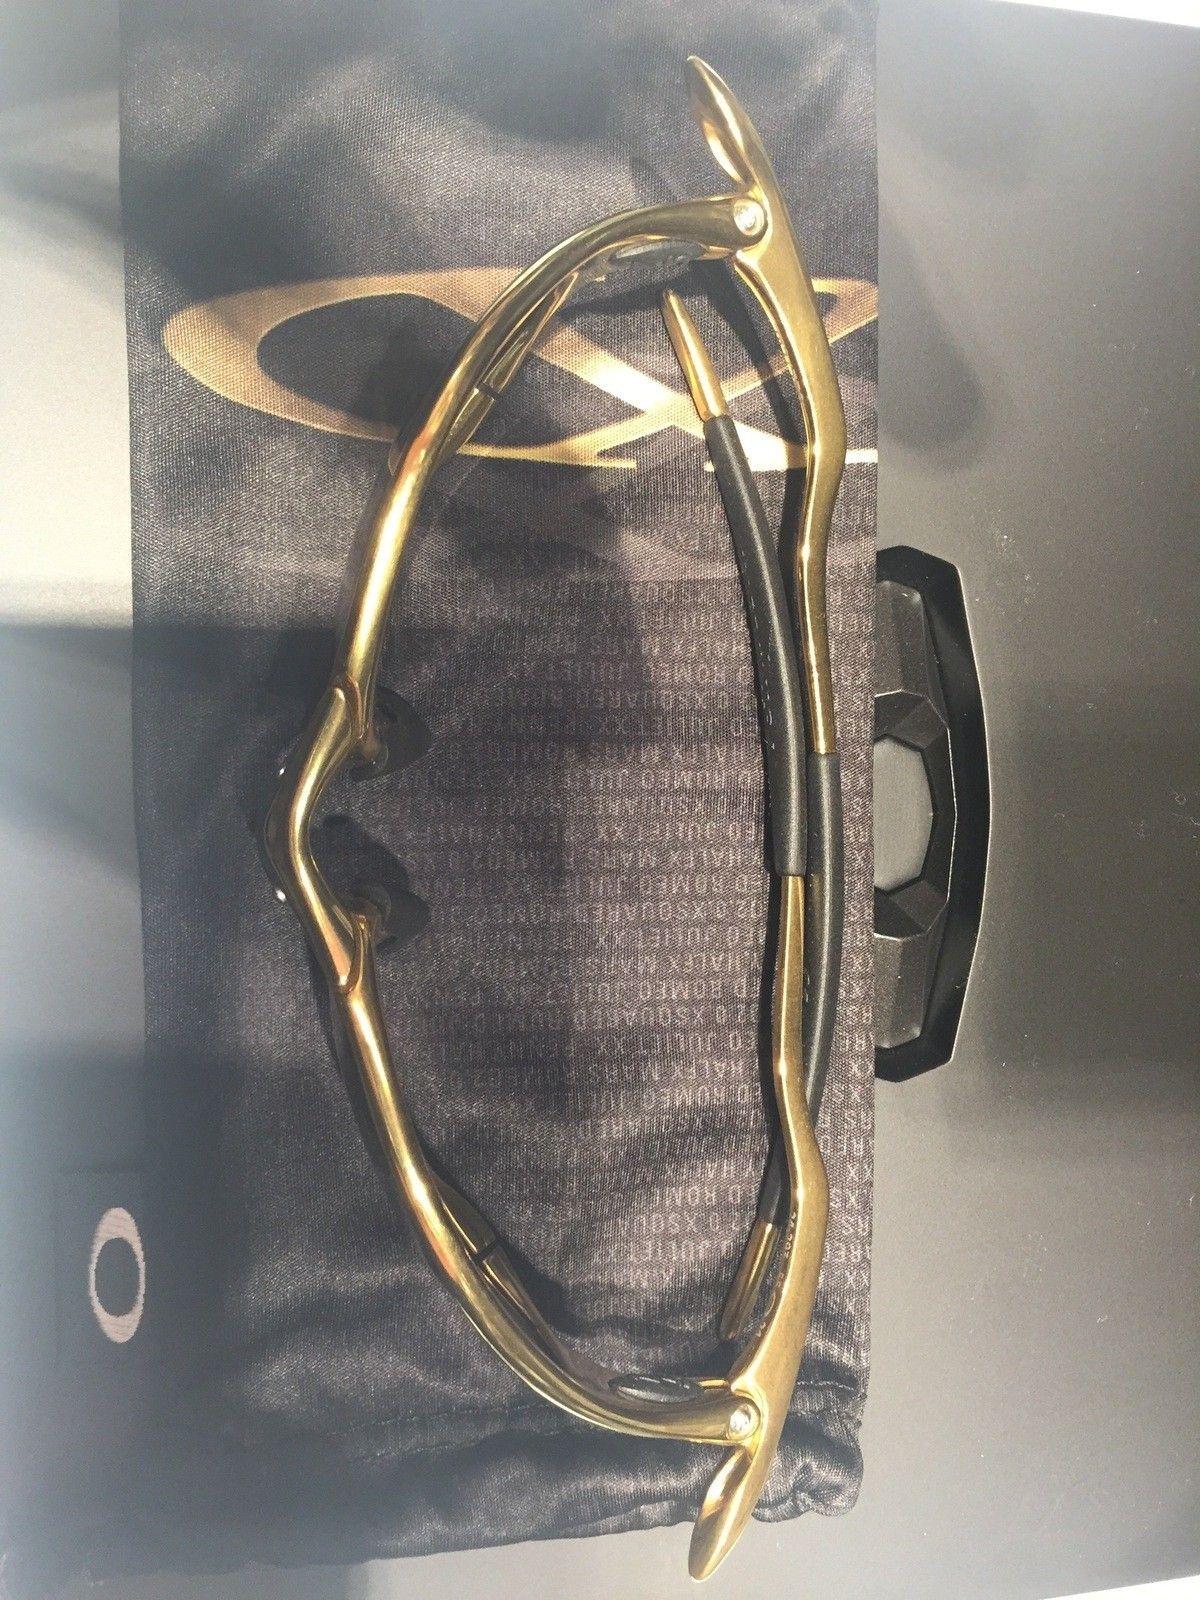 24k OEM Juliet Complete Brand New #742 $1450 see details - IMG_3436.jpg